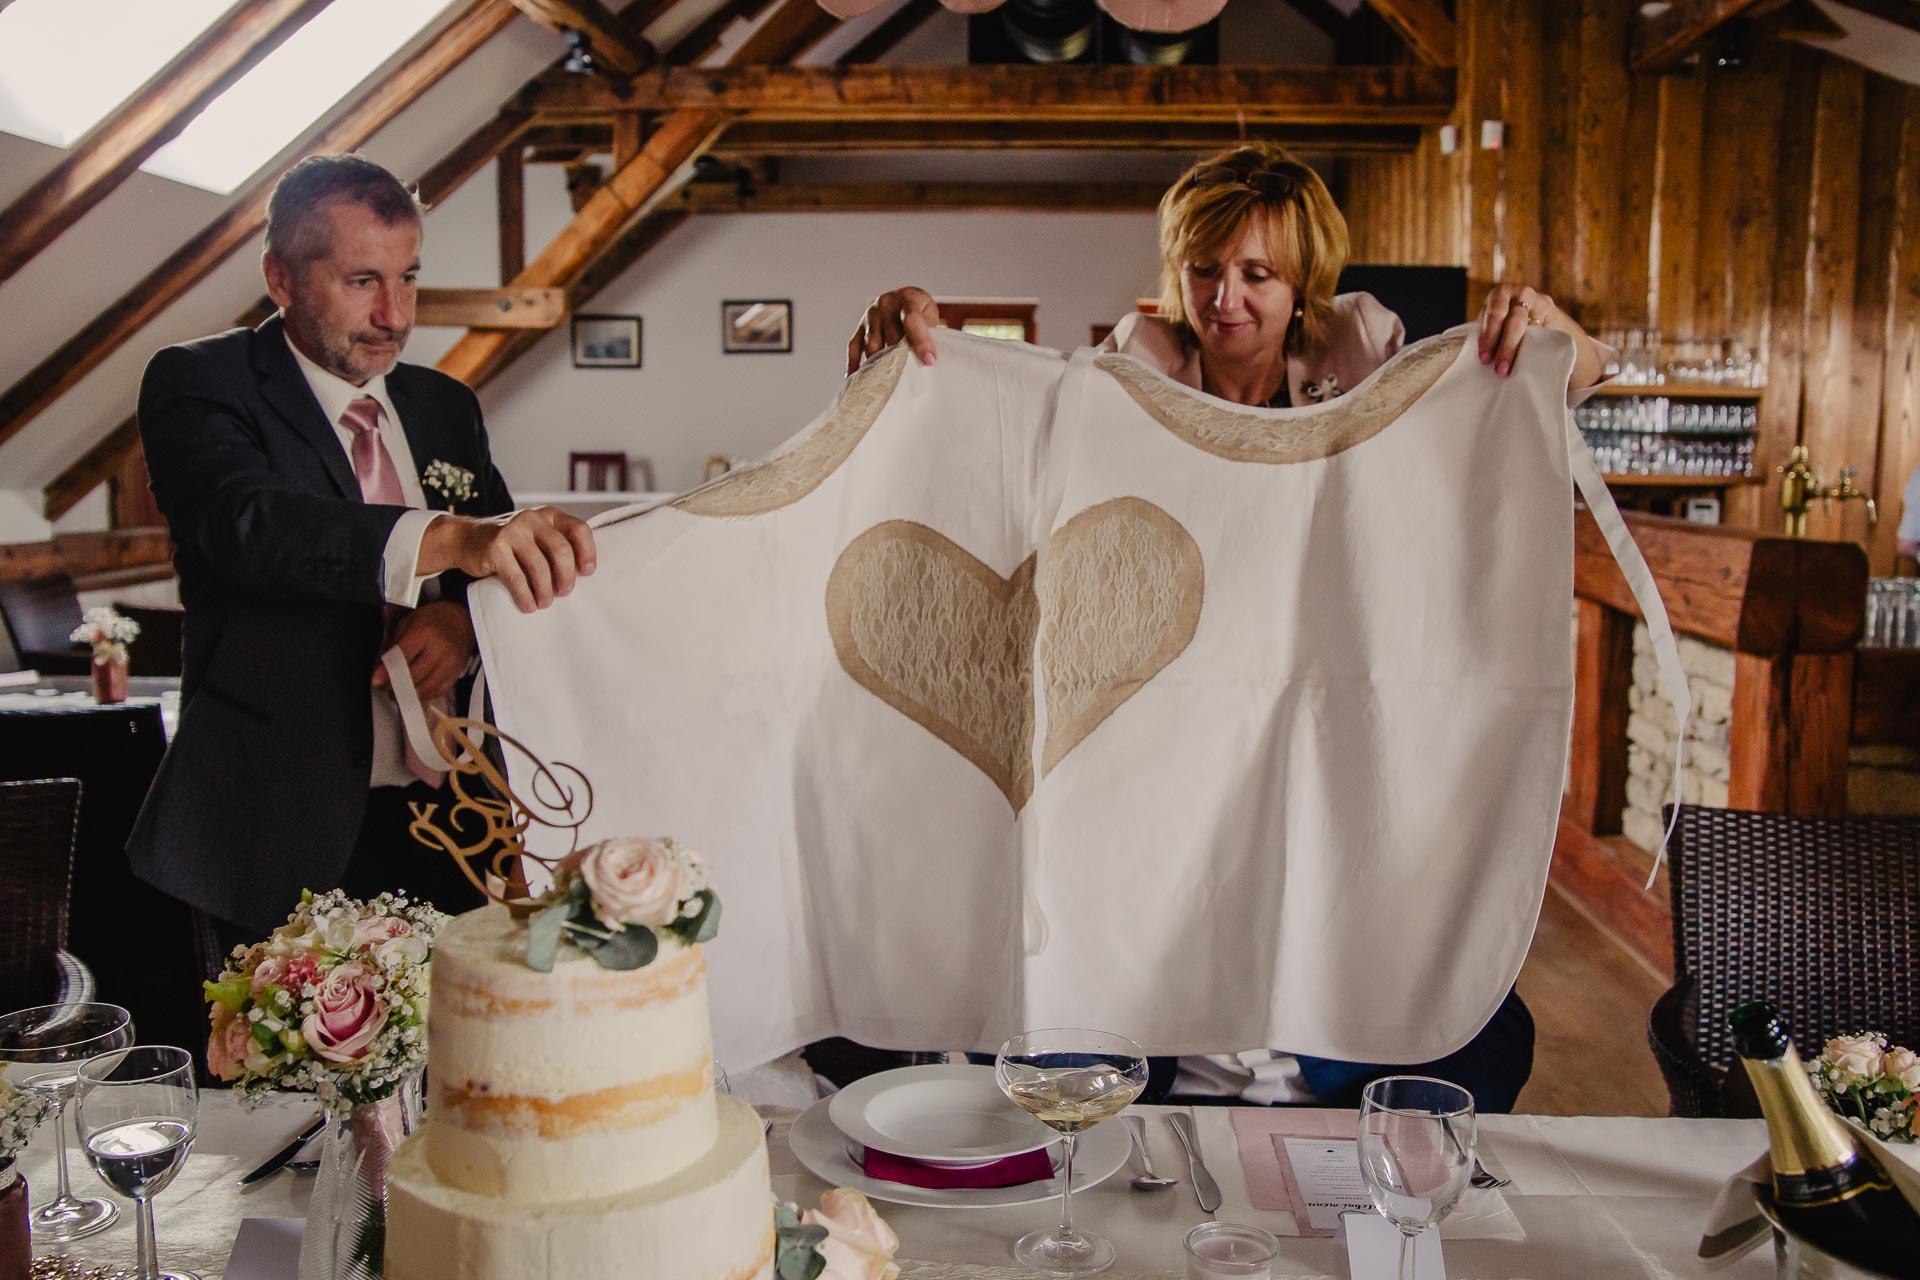 svatební fotograf Praha,svatba střední čechy, církevní obřad, svatba v kostele, nejhezčí svatební fotografie-3042